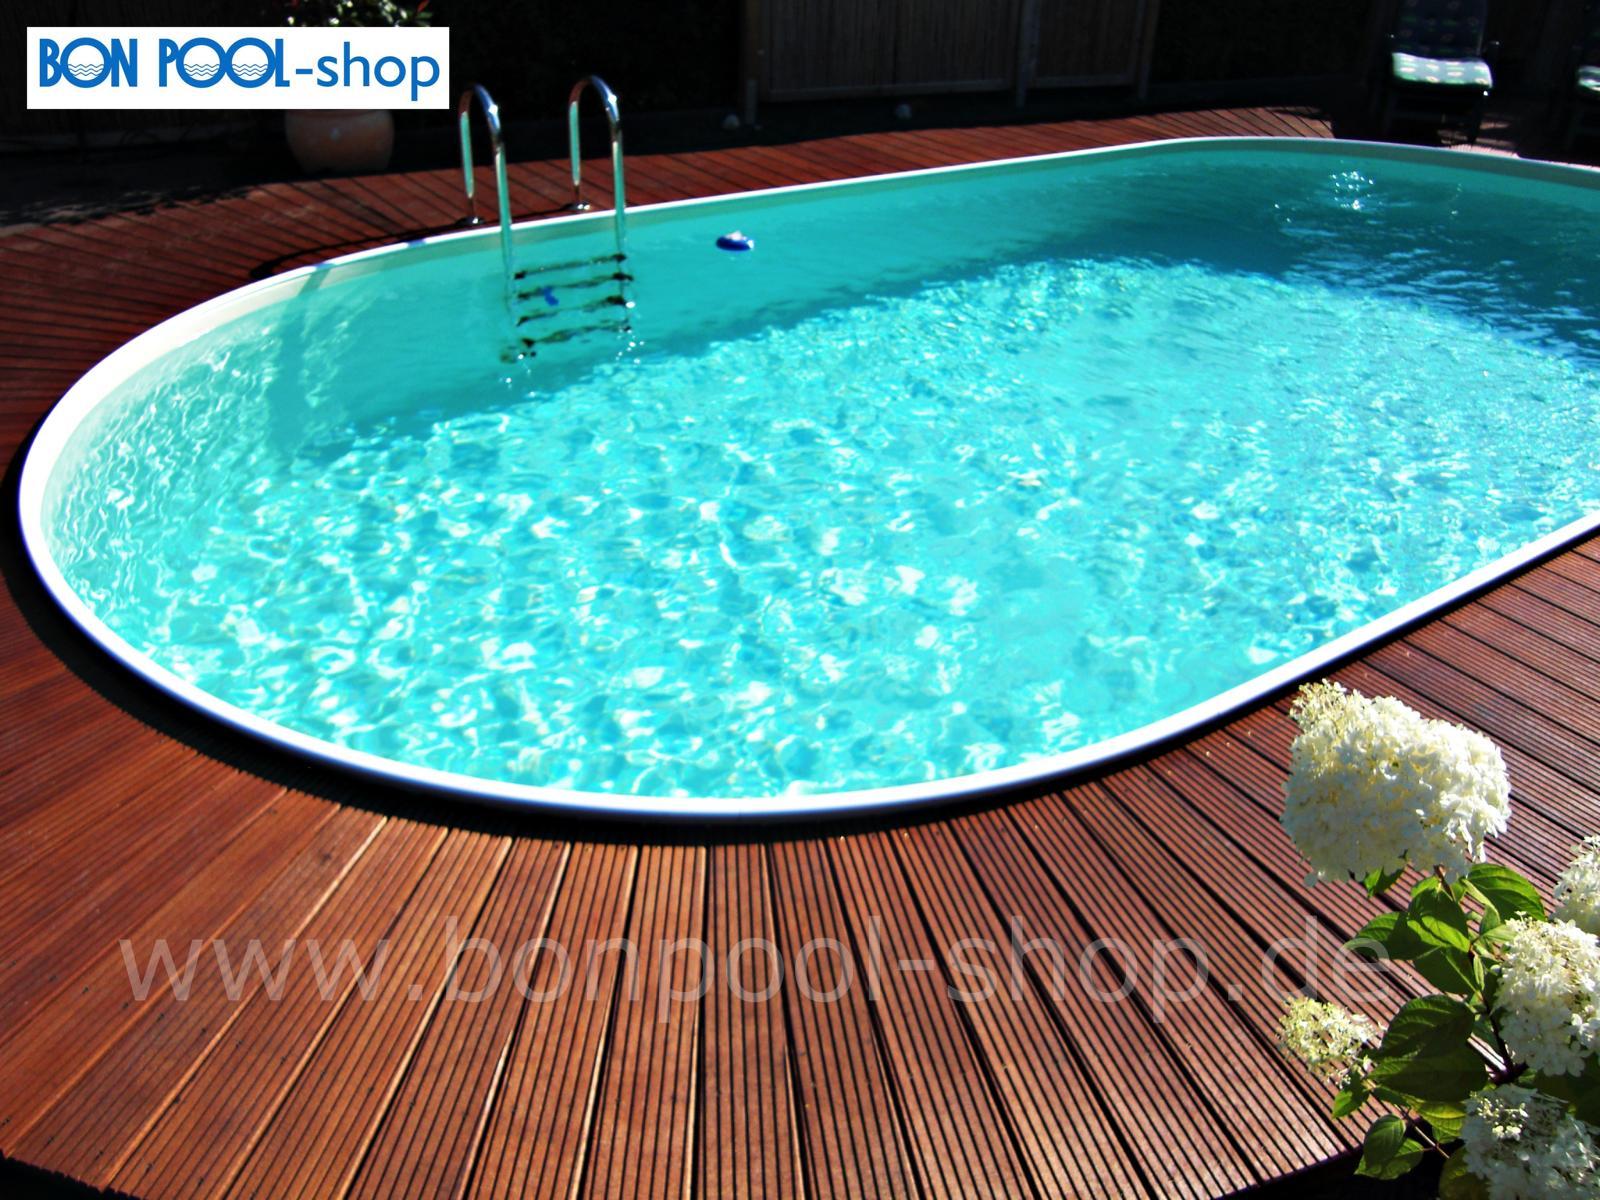 schwimmbad kaufen garten mb42 kyushucon. Black Bedroom Furniture Sets. Home Design Ideas